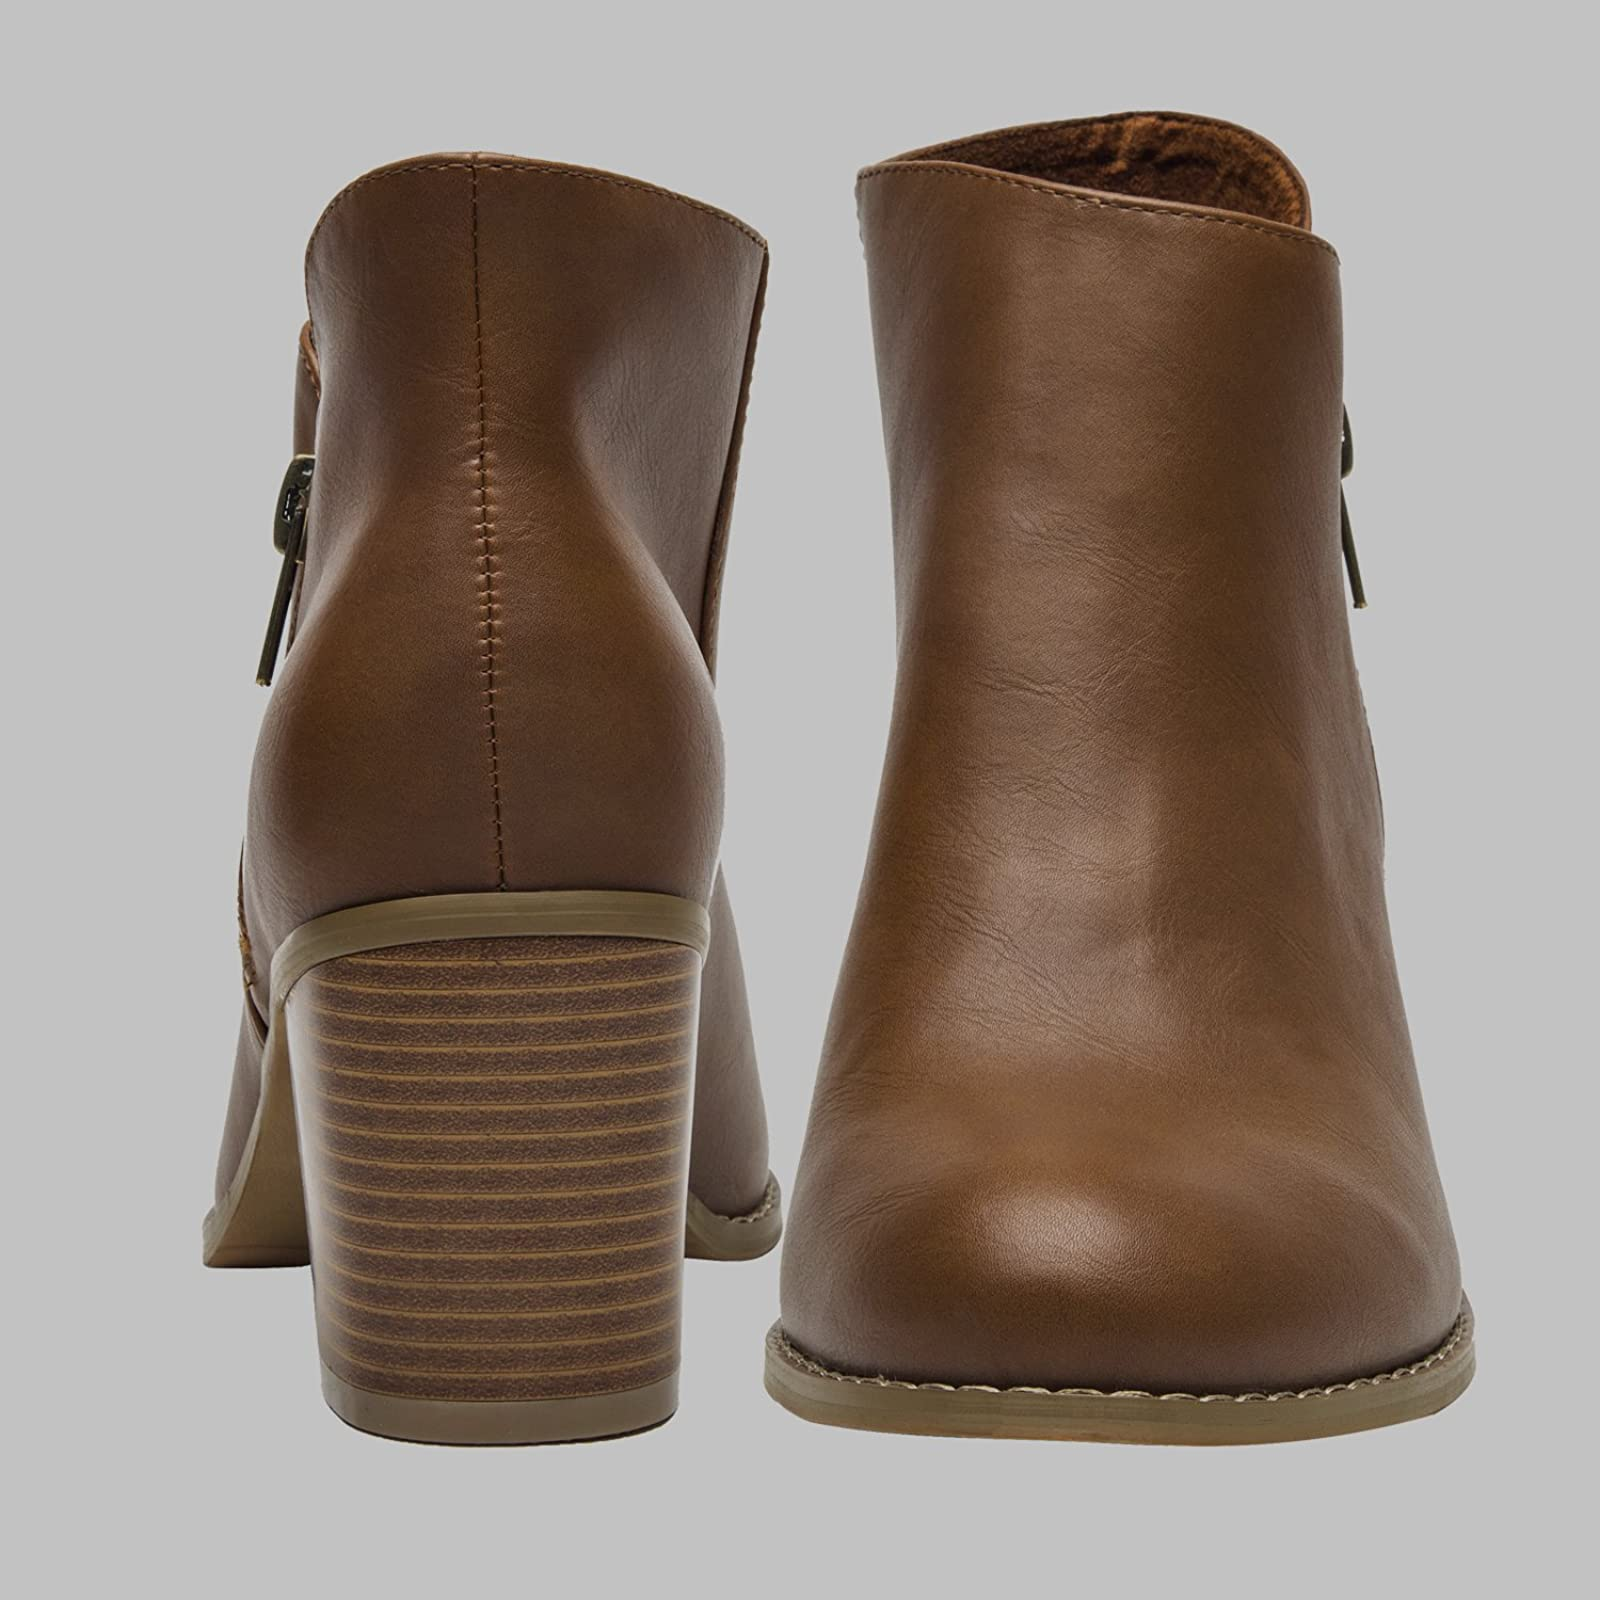 Luoika Plus Size Wide Width Ankle BootsWomen - 5